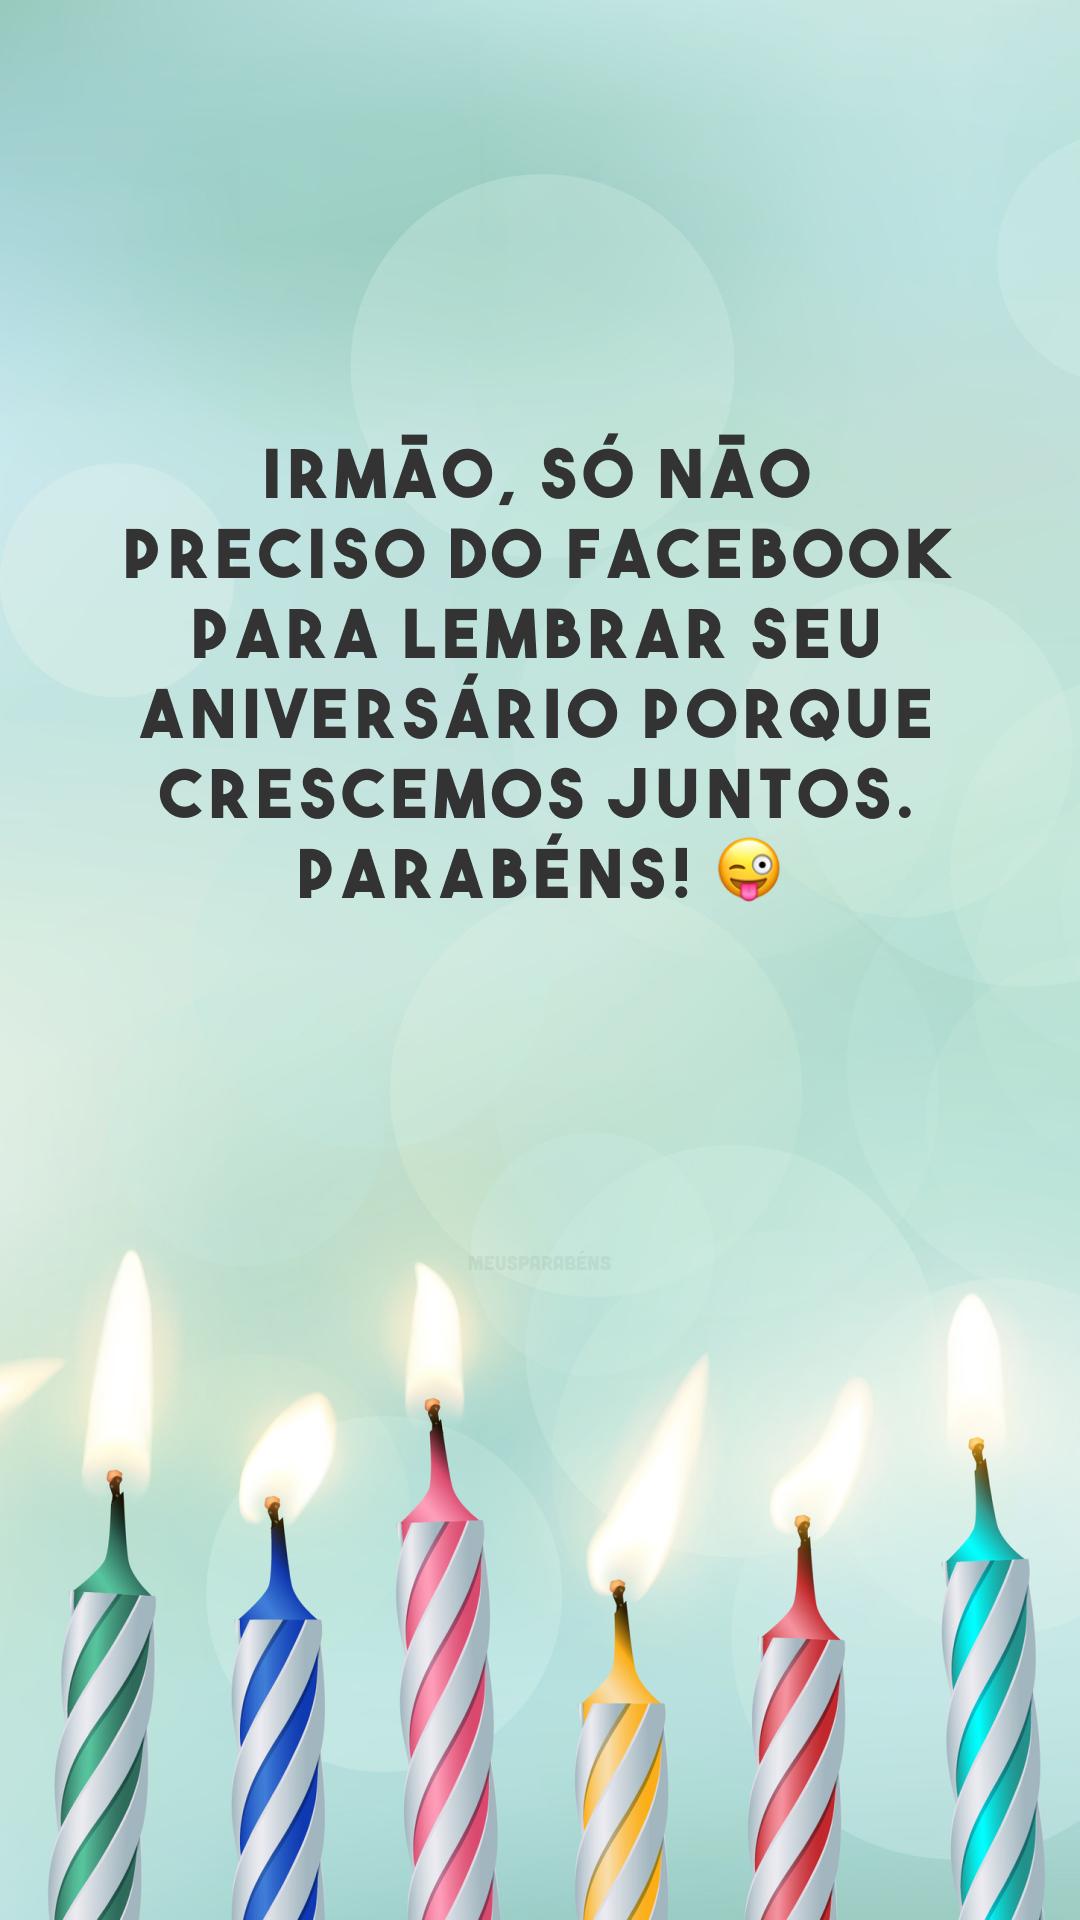 Irmão, só não preciso do Facebook para lembrar seu aniversário porque crescemos juntos. Parabéns! 😜